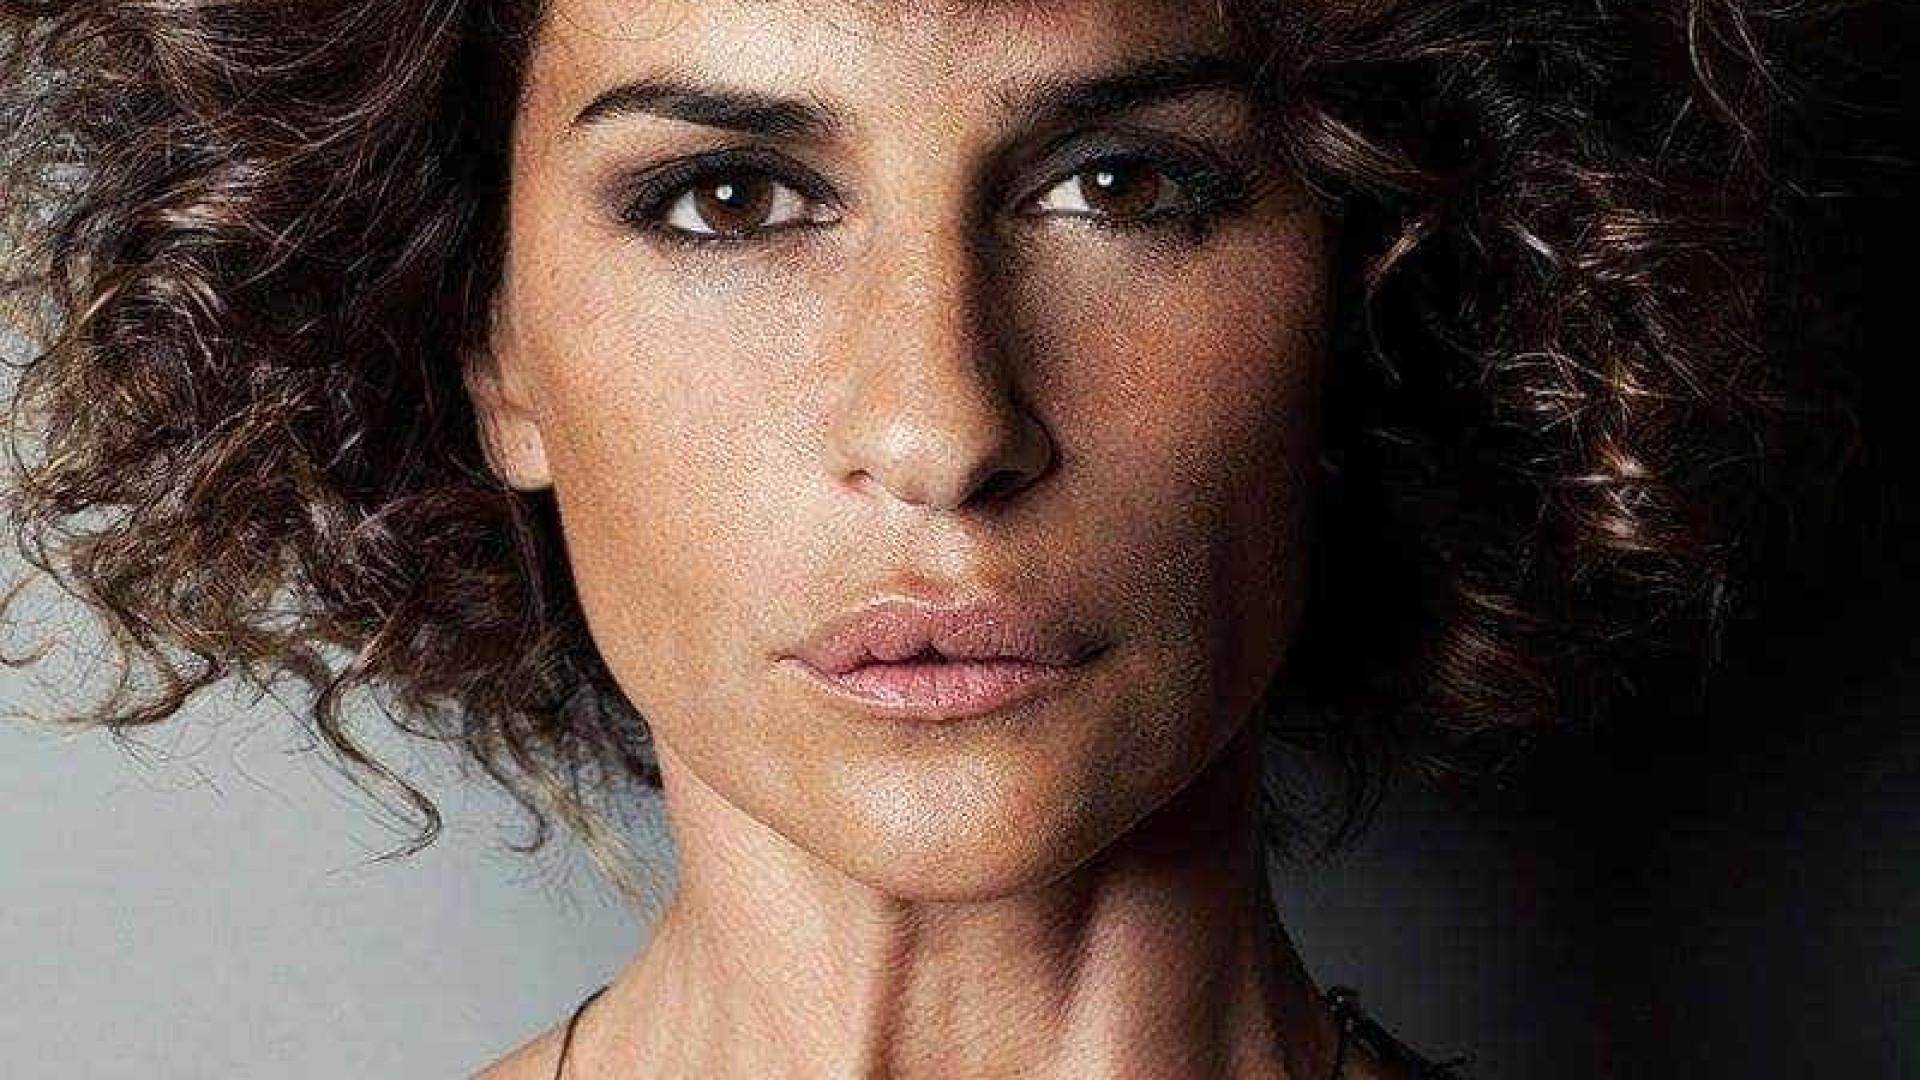 Aos 47 anos, Sofia Aparício mostra-se completamente nua nas redes sociais